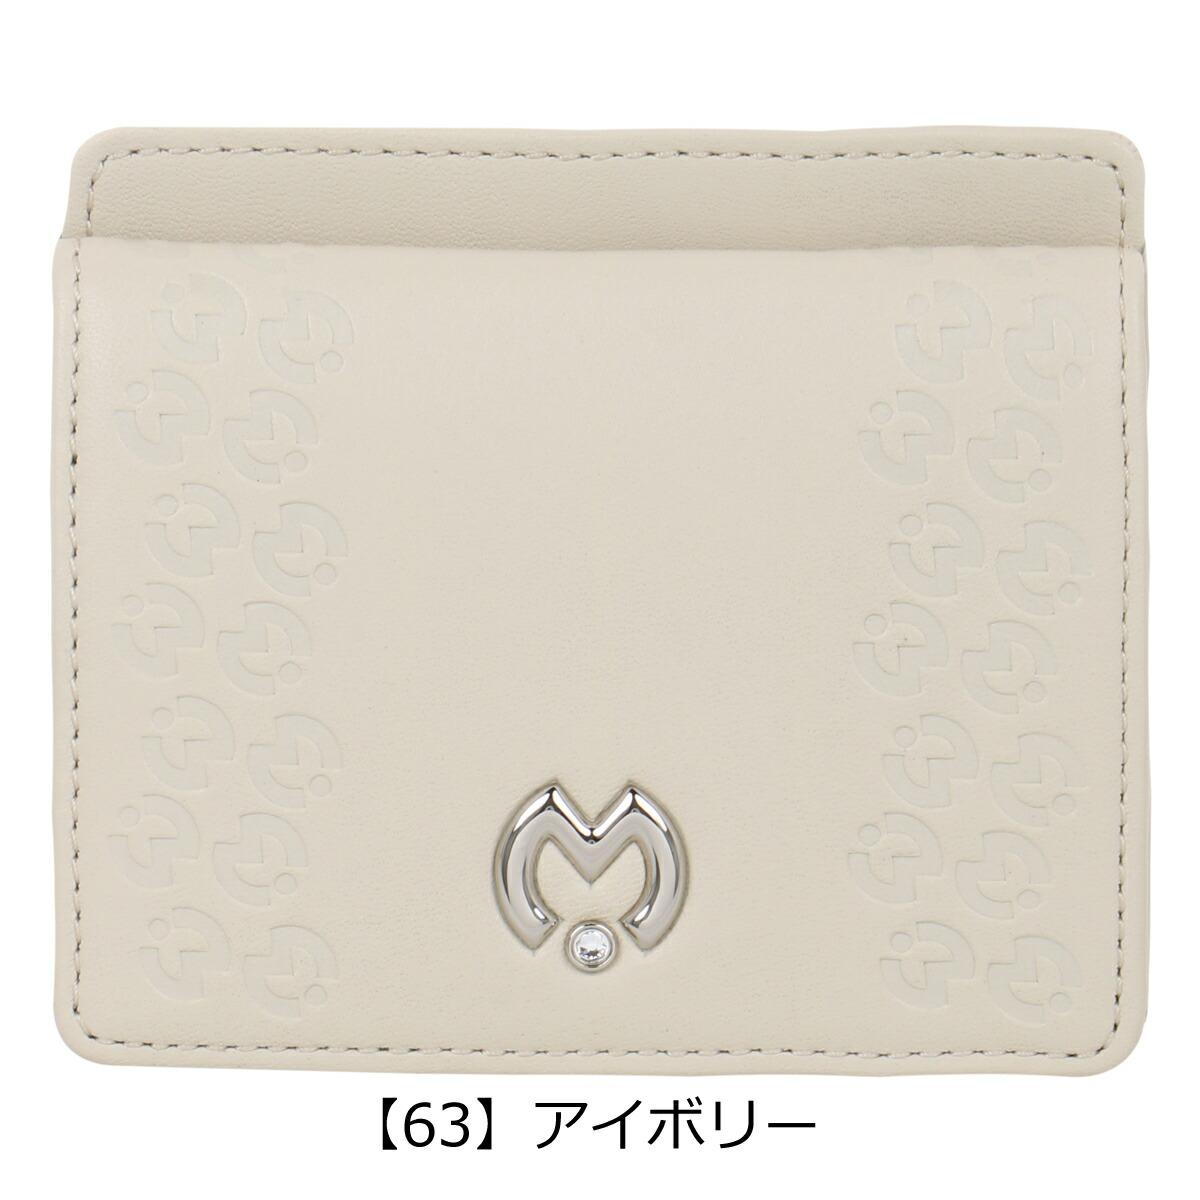 【63】アイボリー